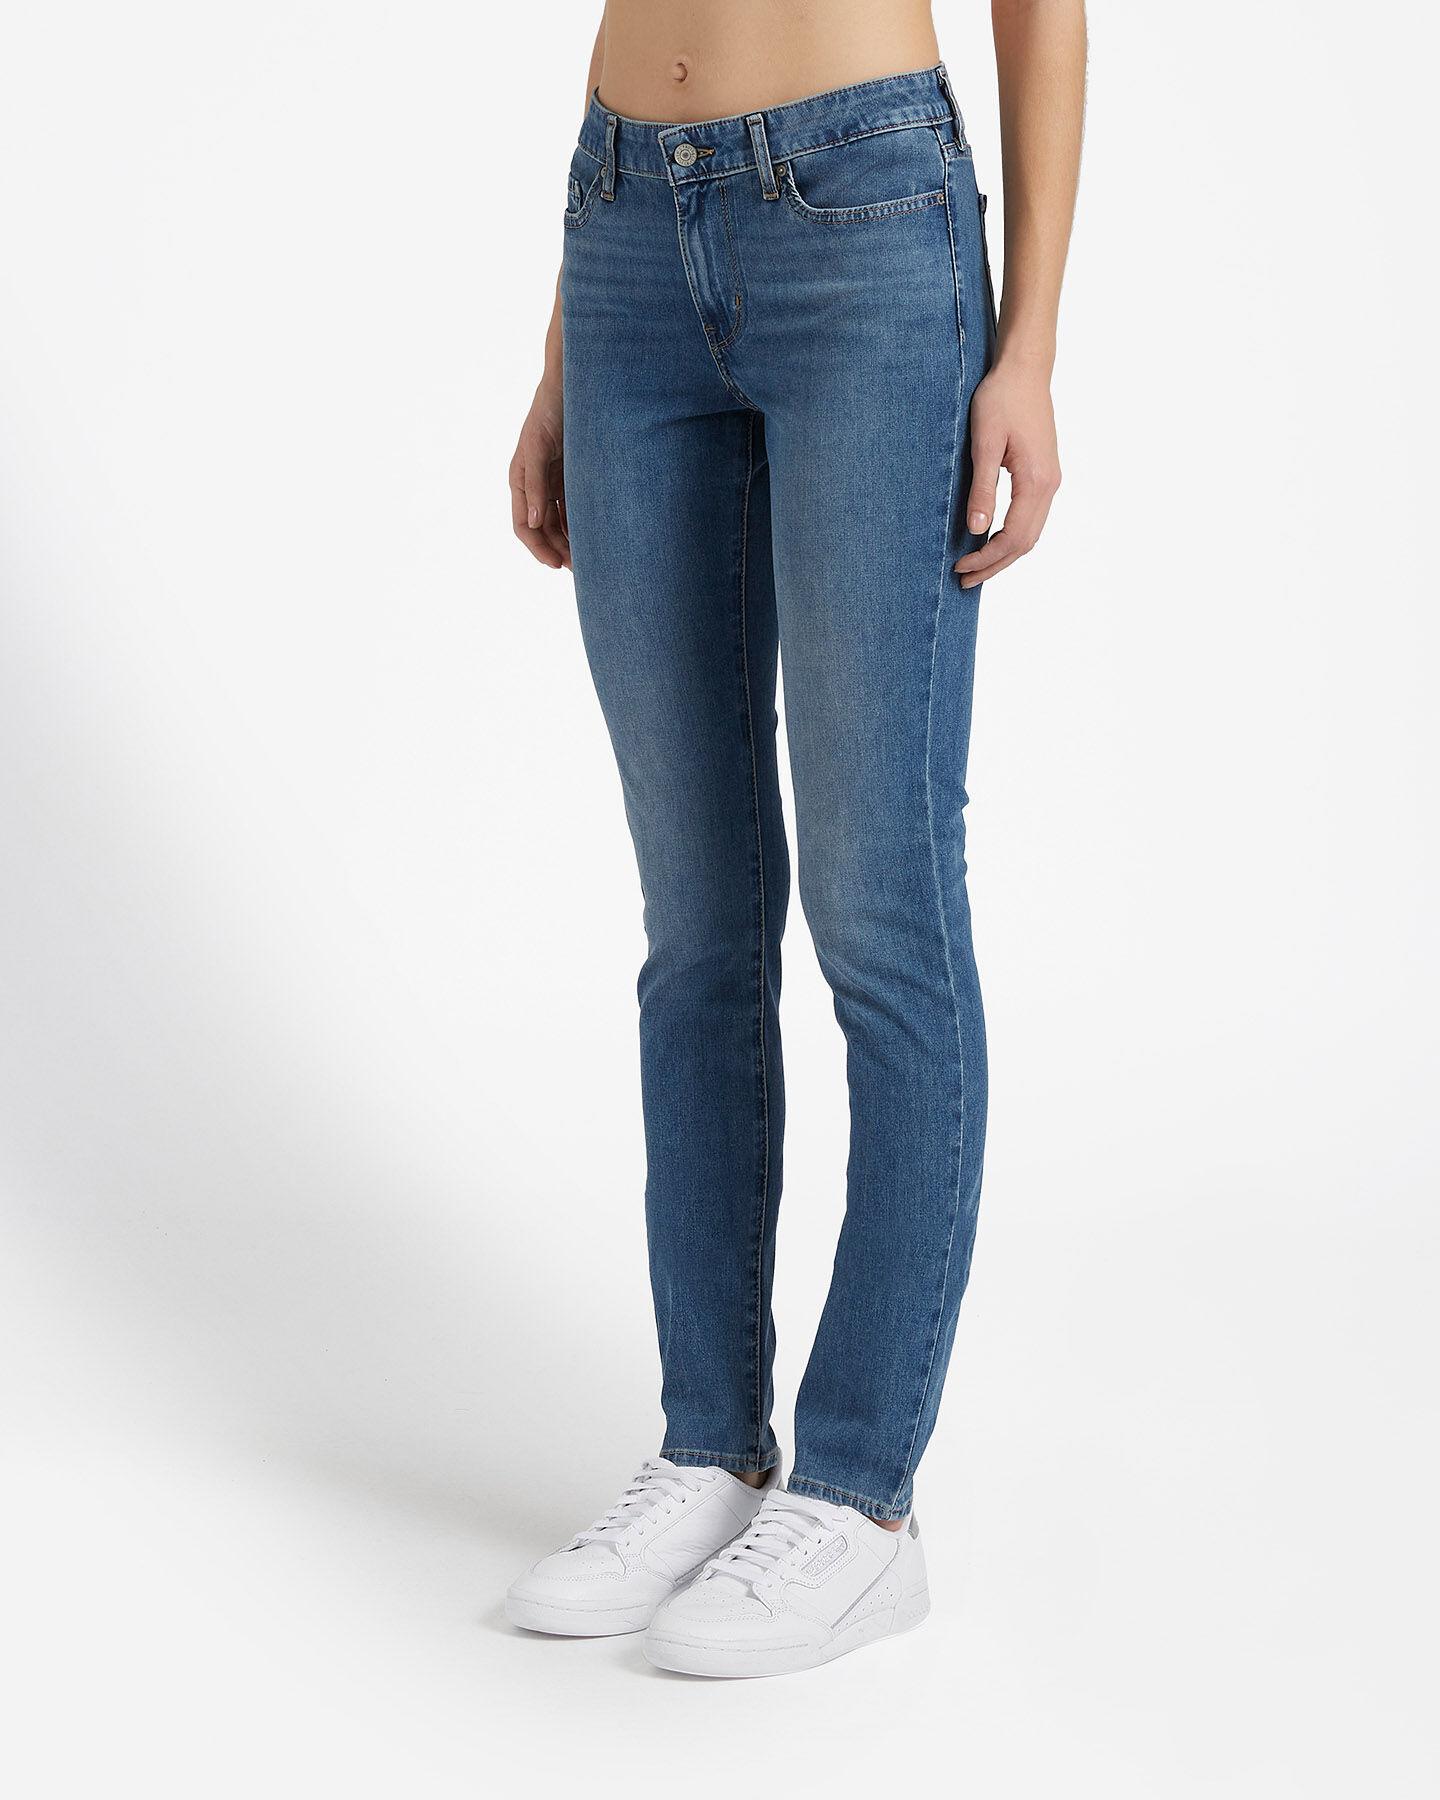 Jeans LEVI'S 711 SKINNY W S4077781 scatto 2